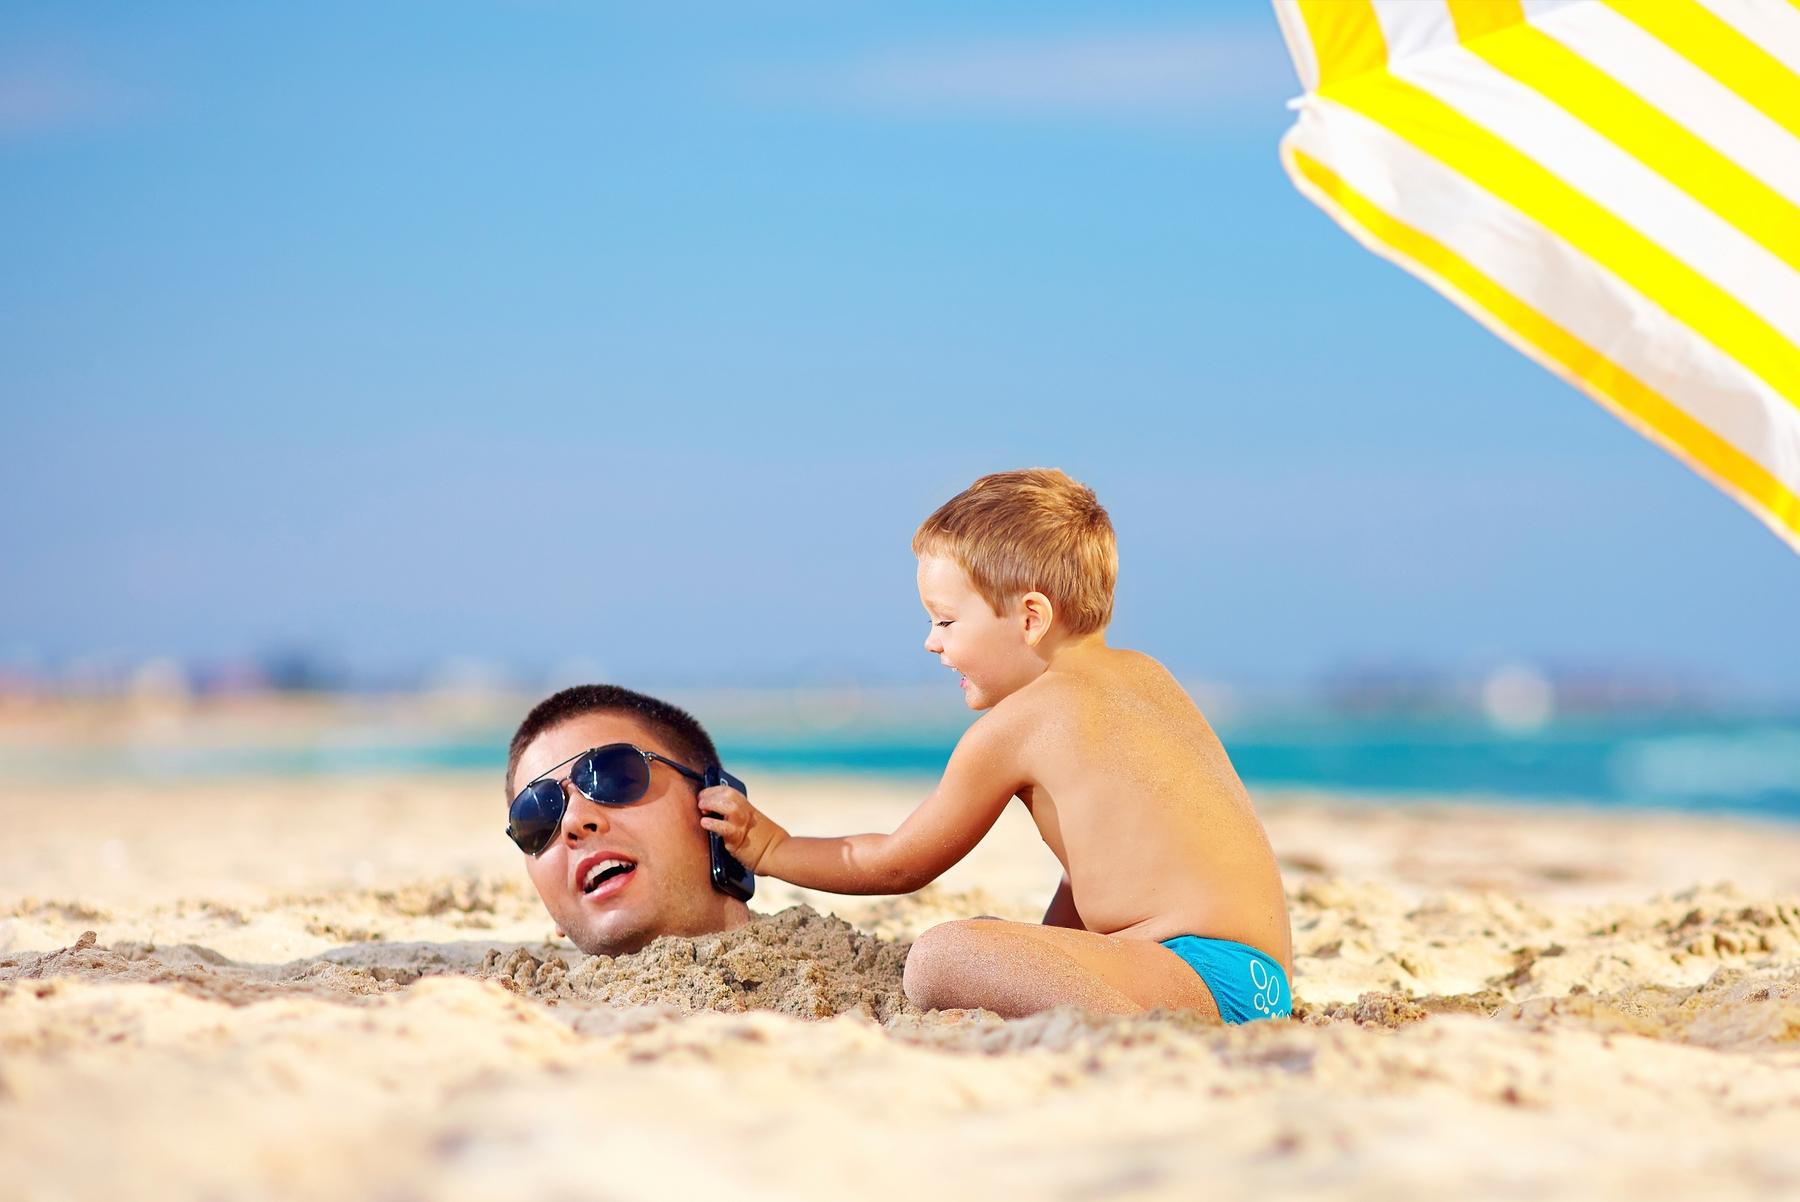 Vater und Sohn in den Sommerferien am Strand